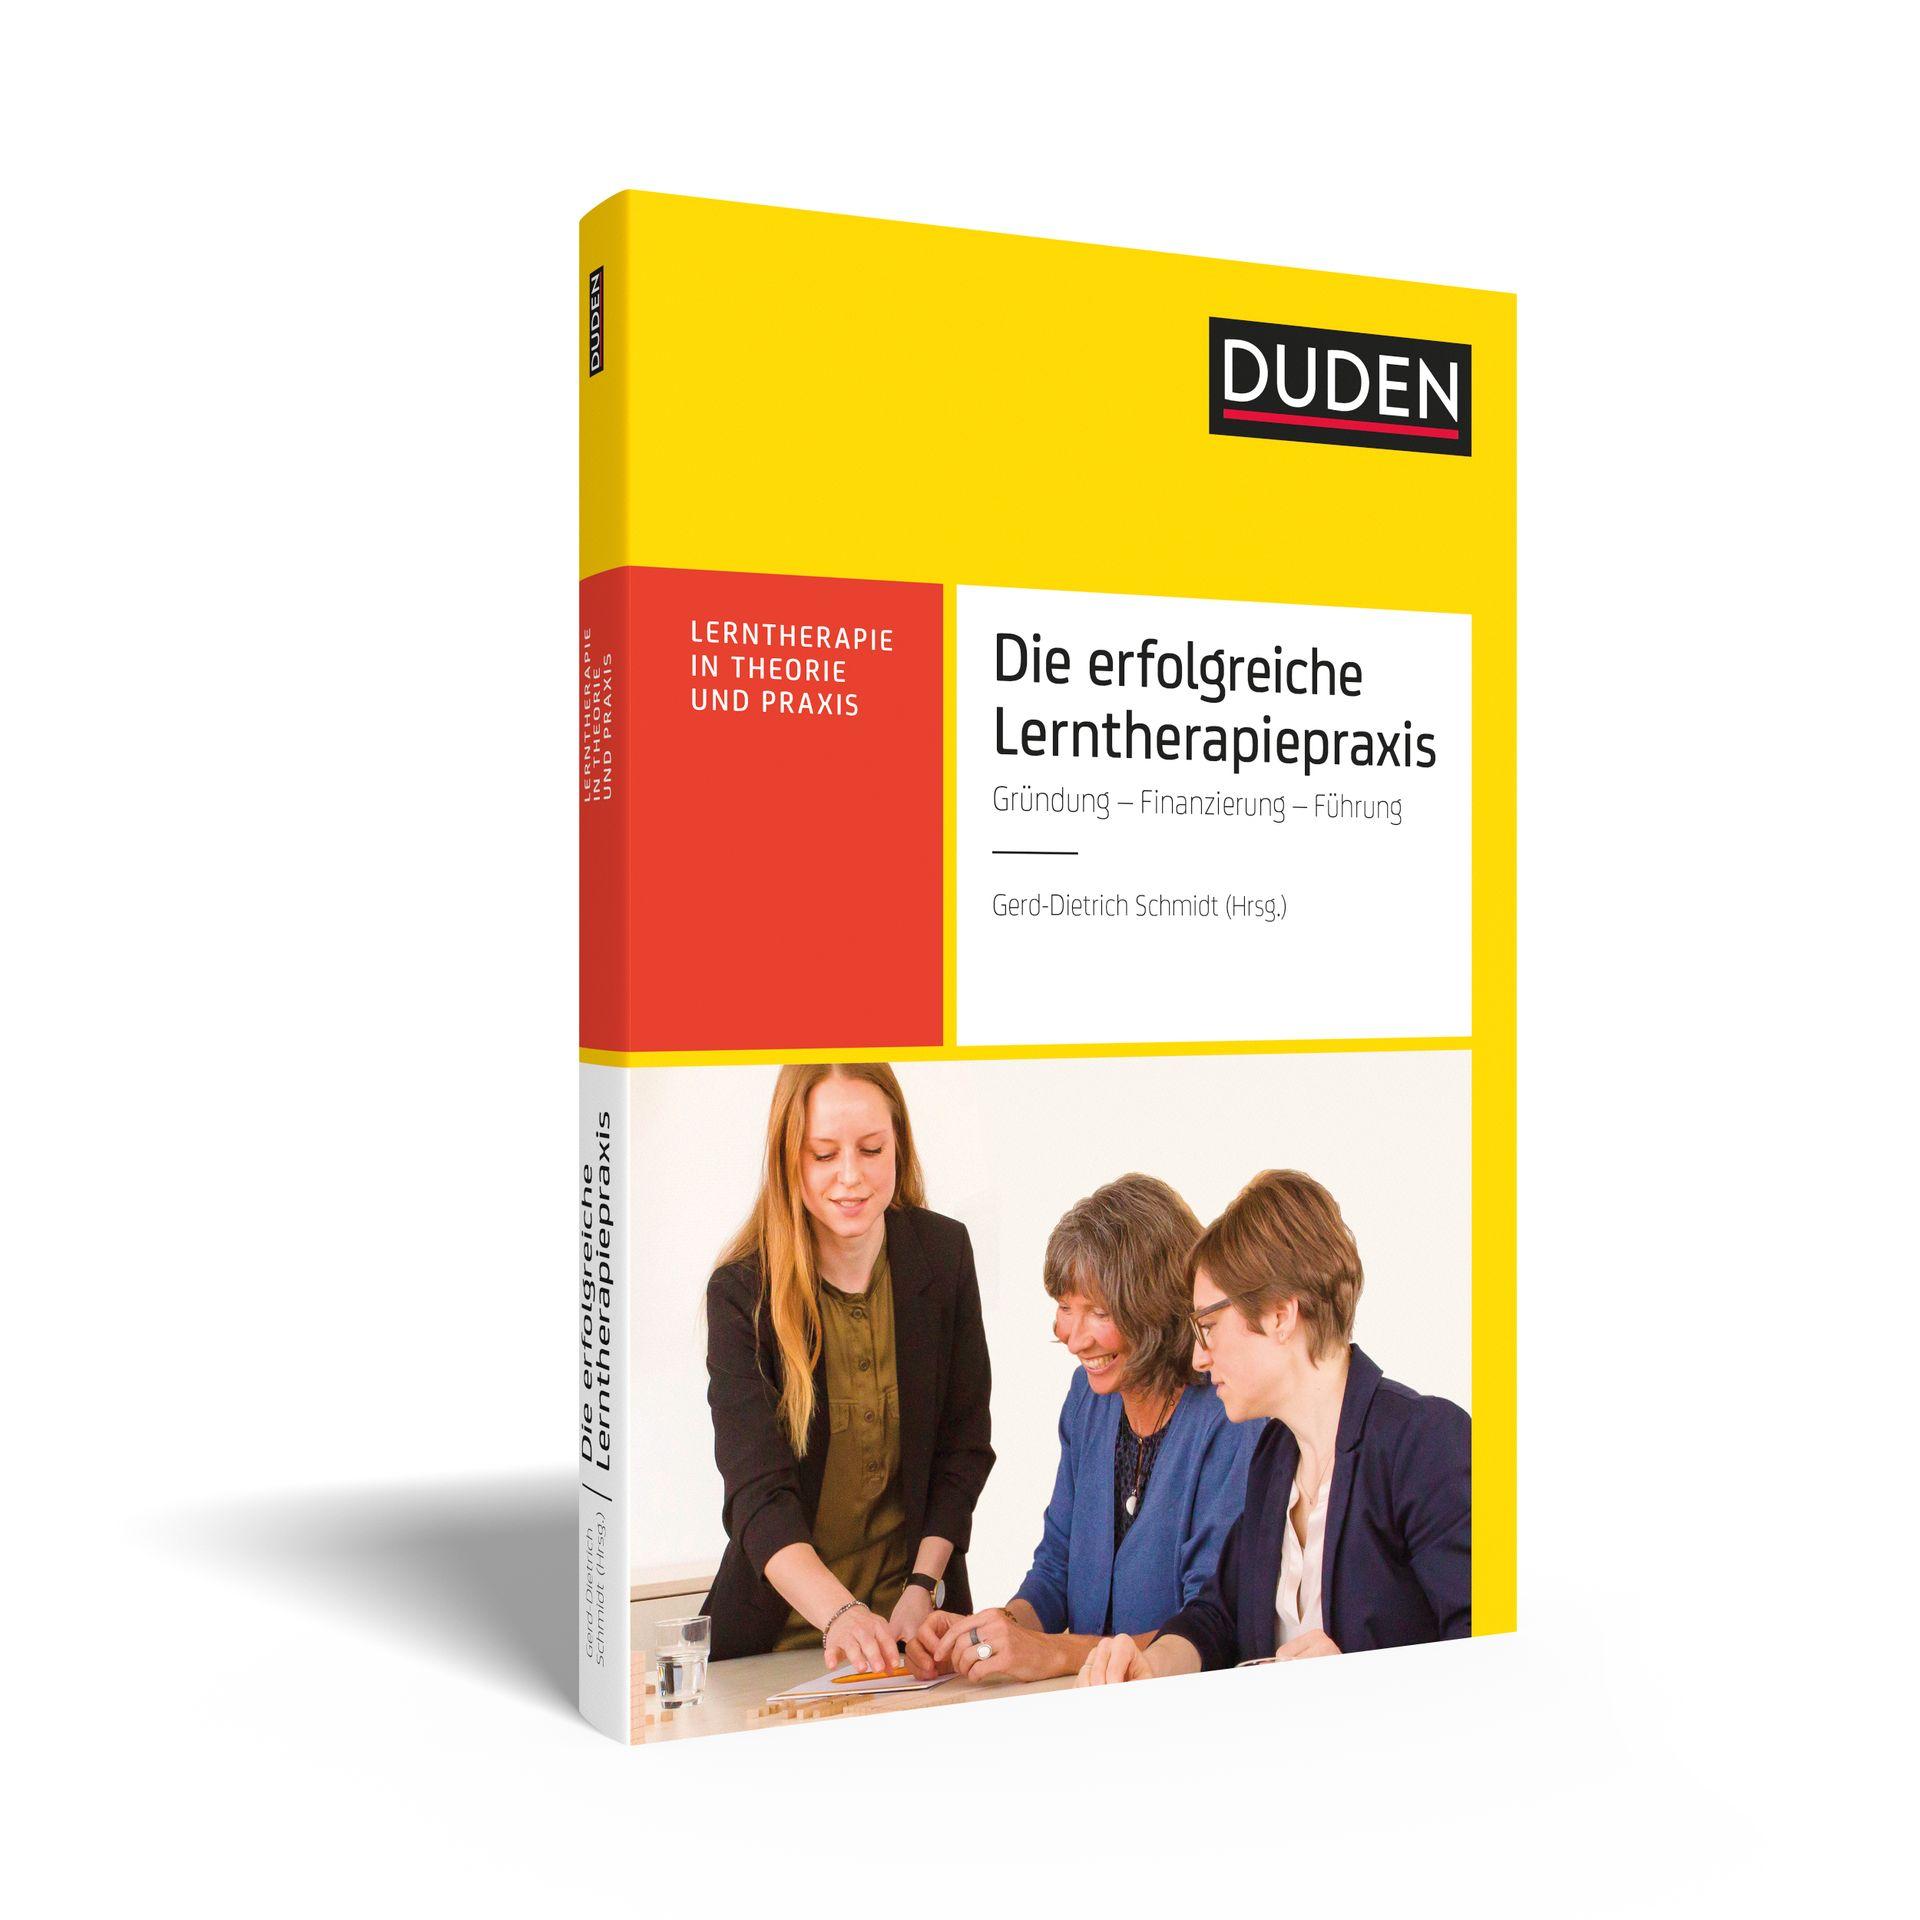 Anleitung für einen erfüllenden Beruf: Fachbuch setzt Maßstäbe für eine professionelle Lerntherapie